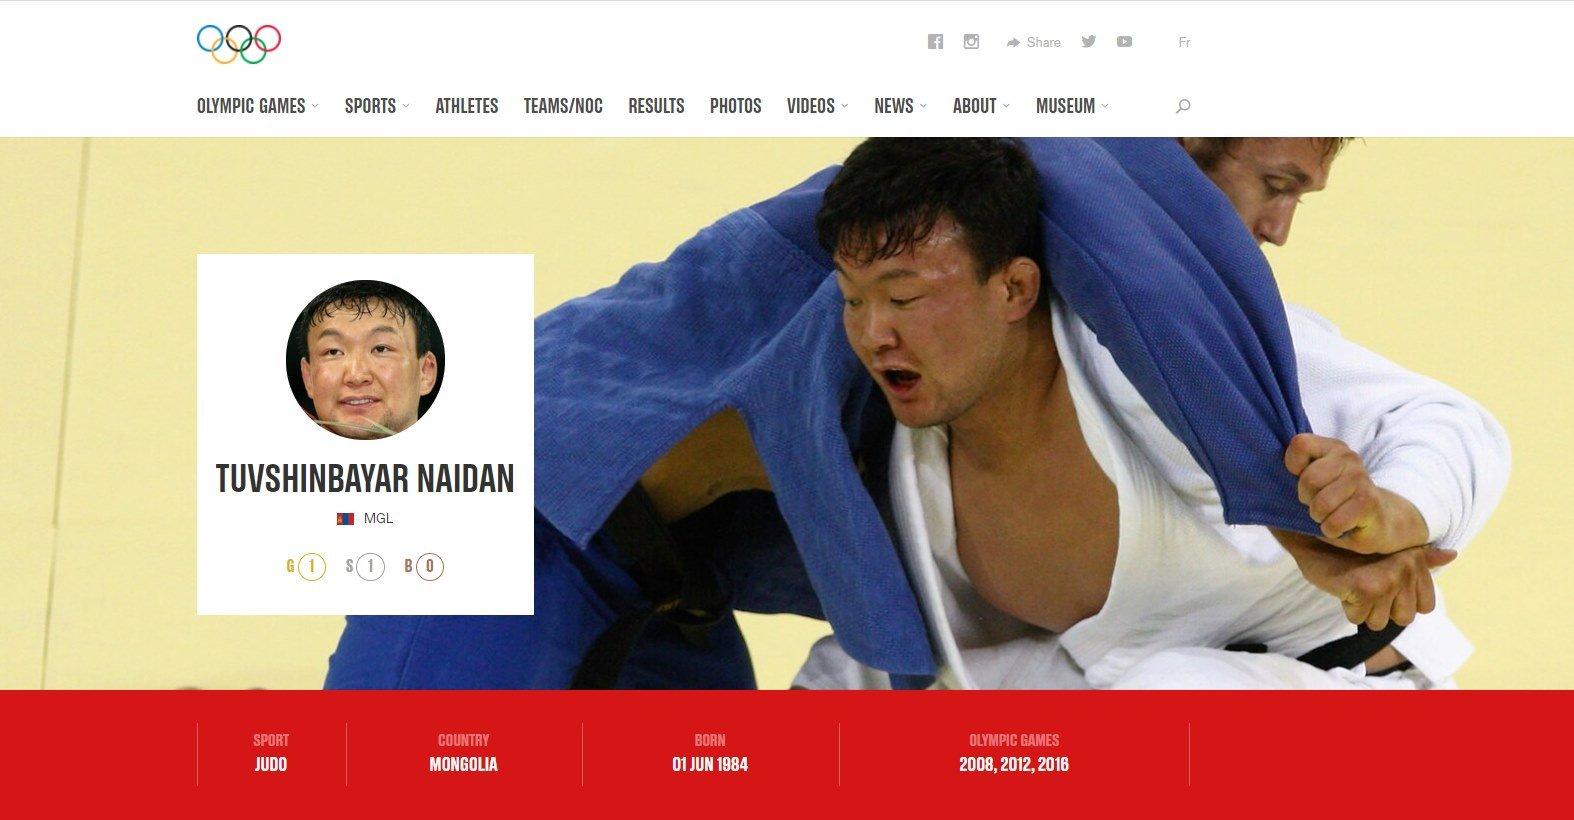 МҮОХ: Н.Түвшинбаярын олимпийн алт, мөнгөн медалийг хураах асуудал хөндөгдөхгүй